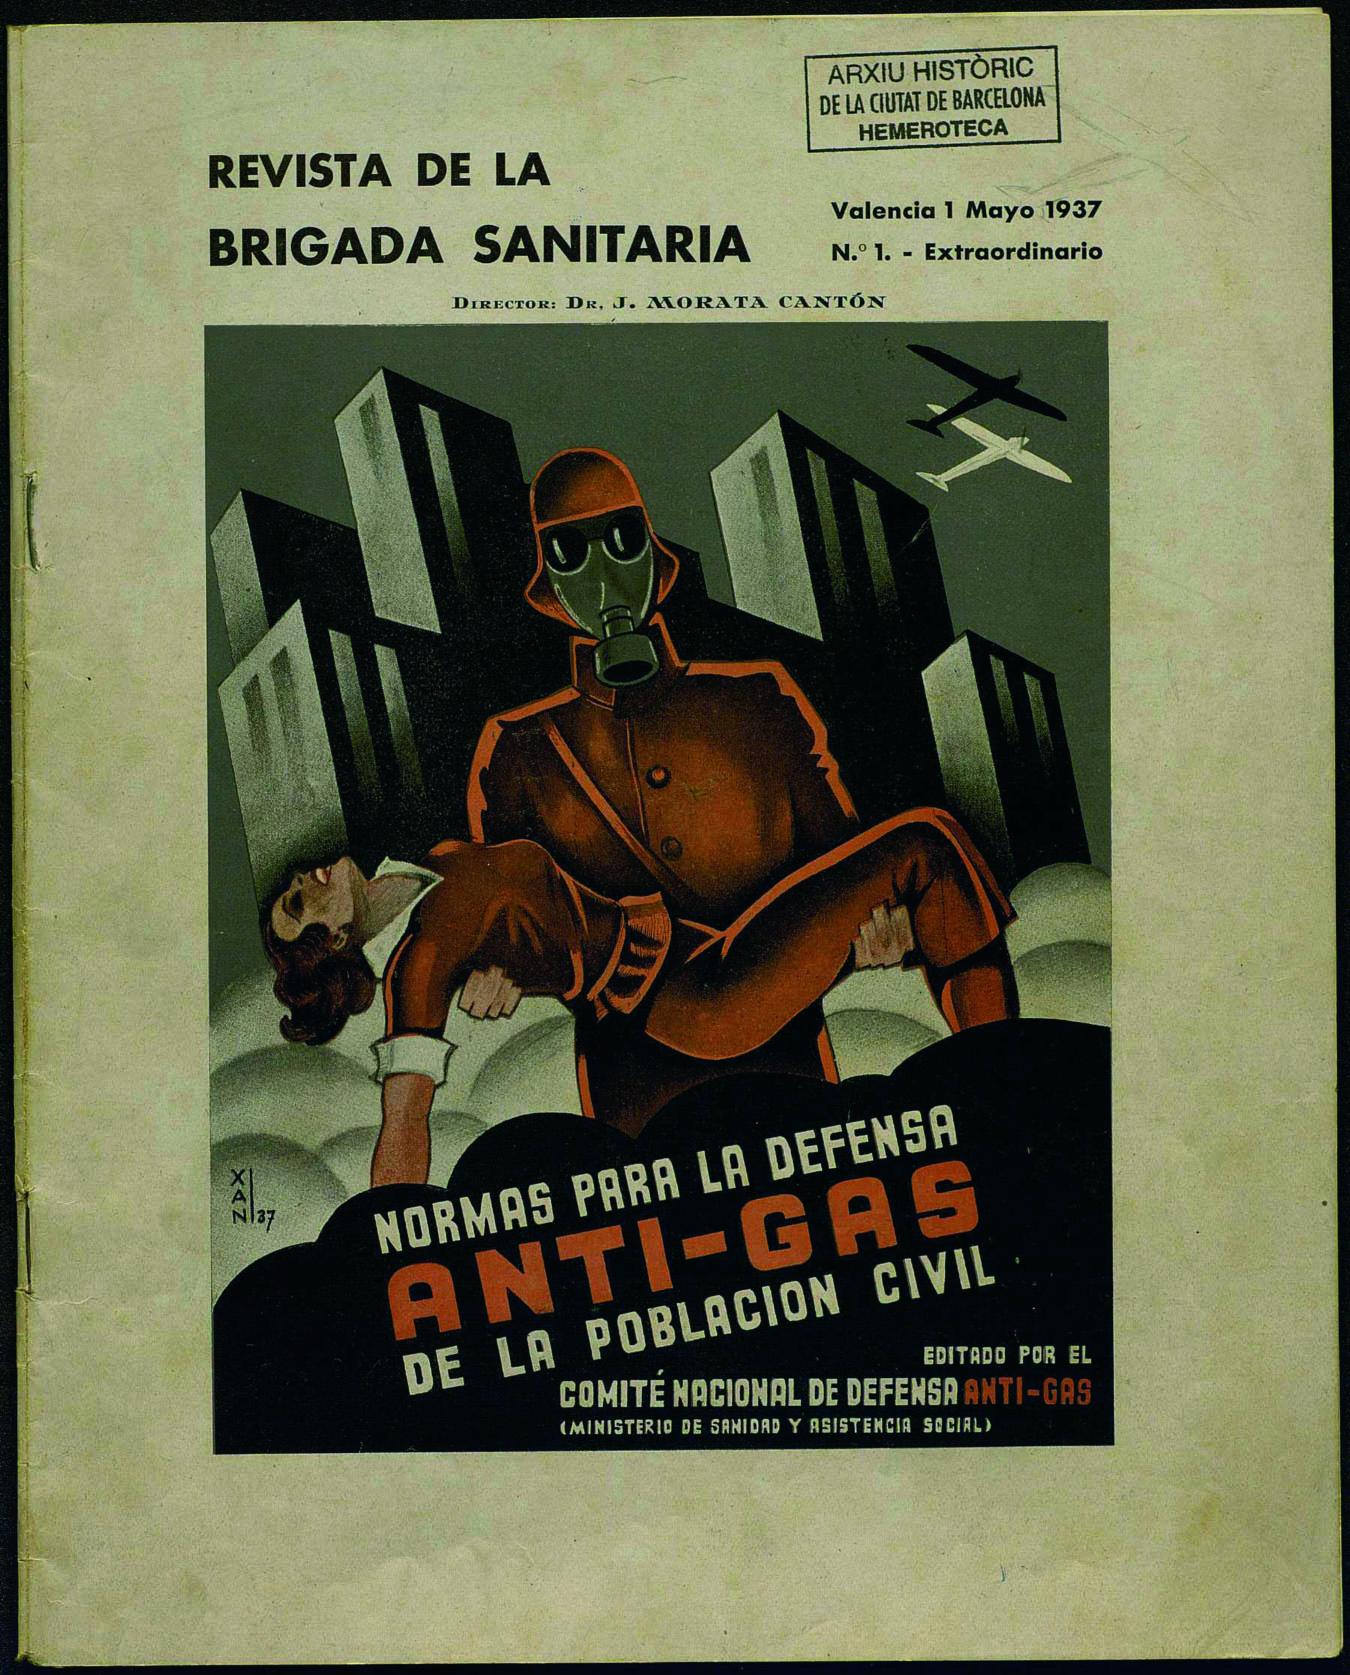 Revista de la brigada sanitaria: servicio anti-gas. Núm. 1 (1 mayo 1937) portada